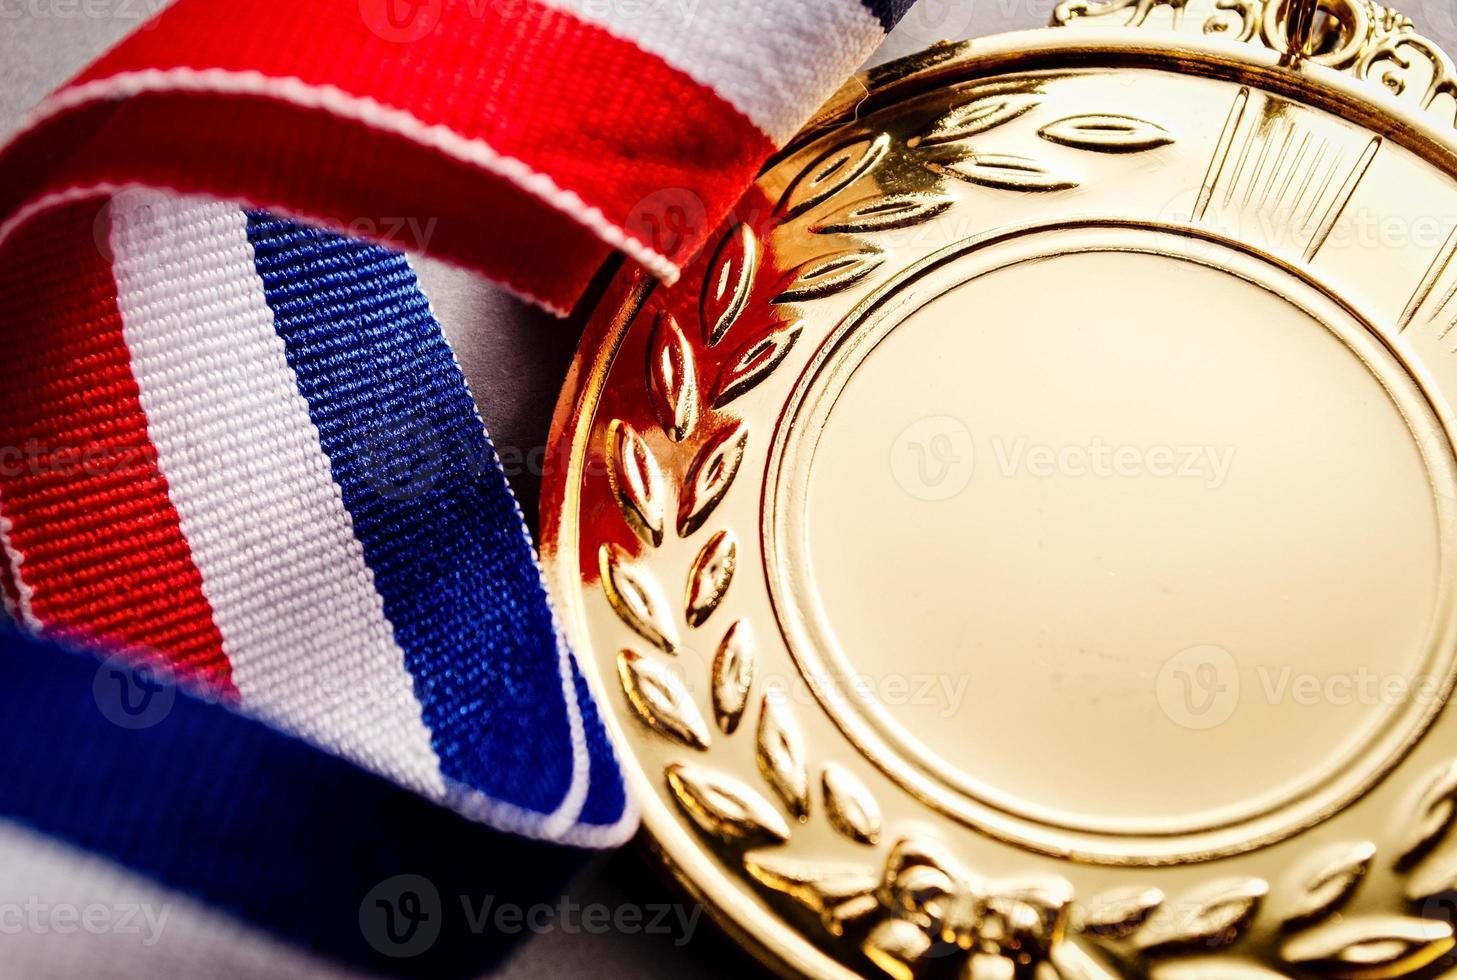 medalha de ouro com rosto em branco para texto foto